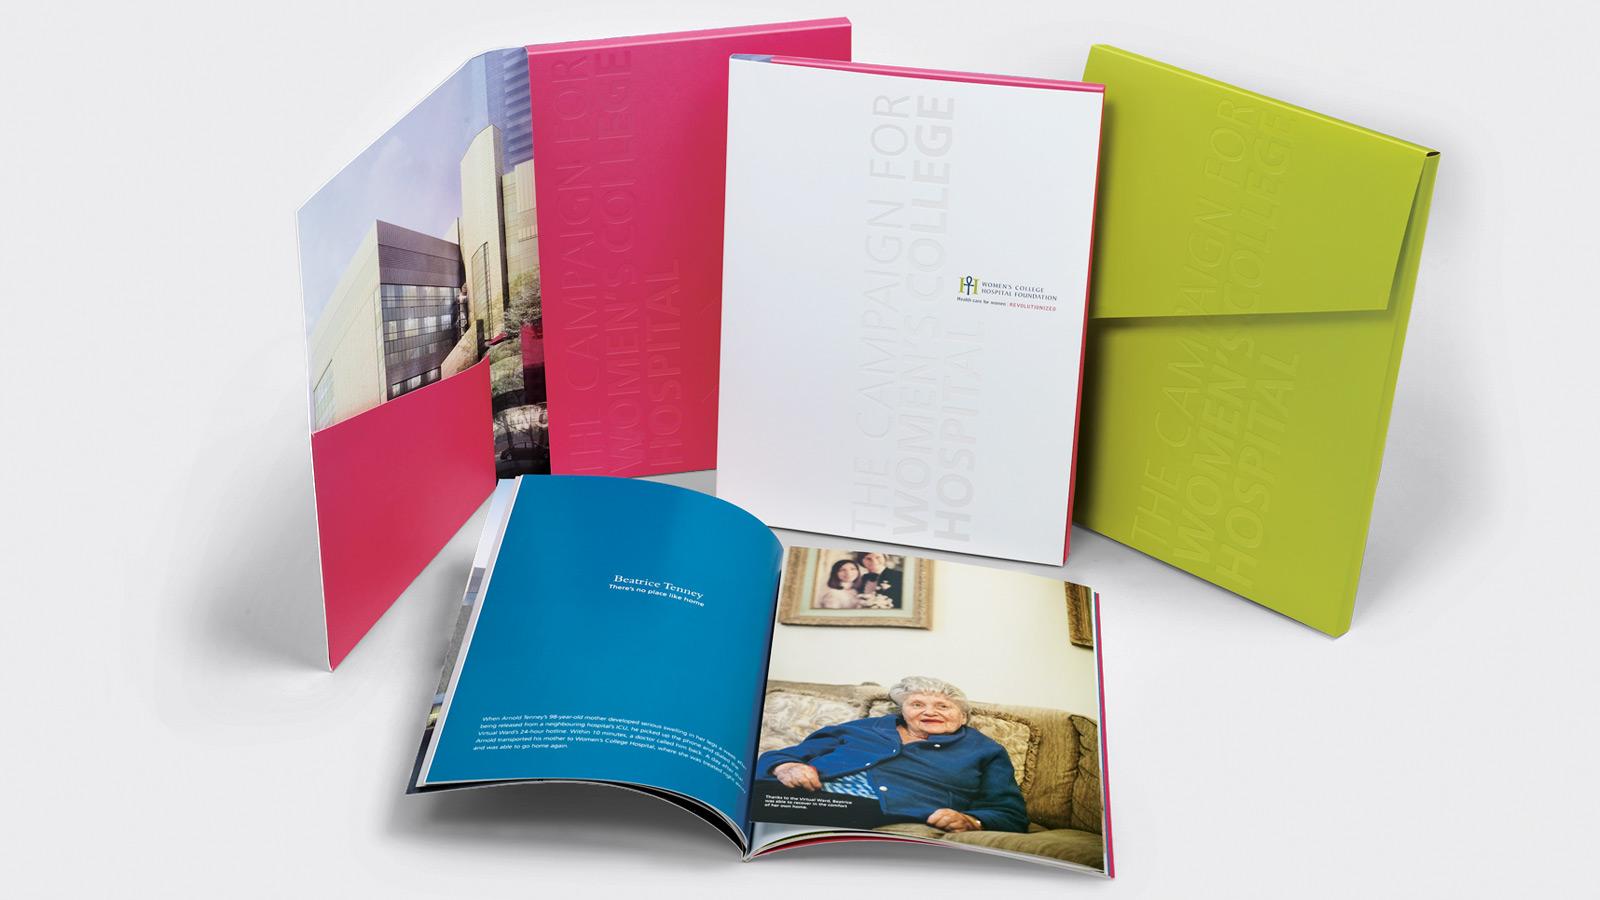 Women's College Hospital Foundation | Identité de marque et positionnement | Design, Imprimé, Non-lucratif